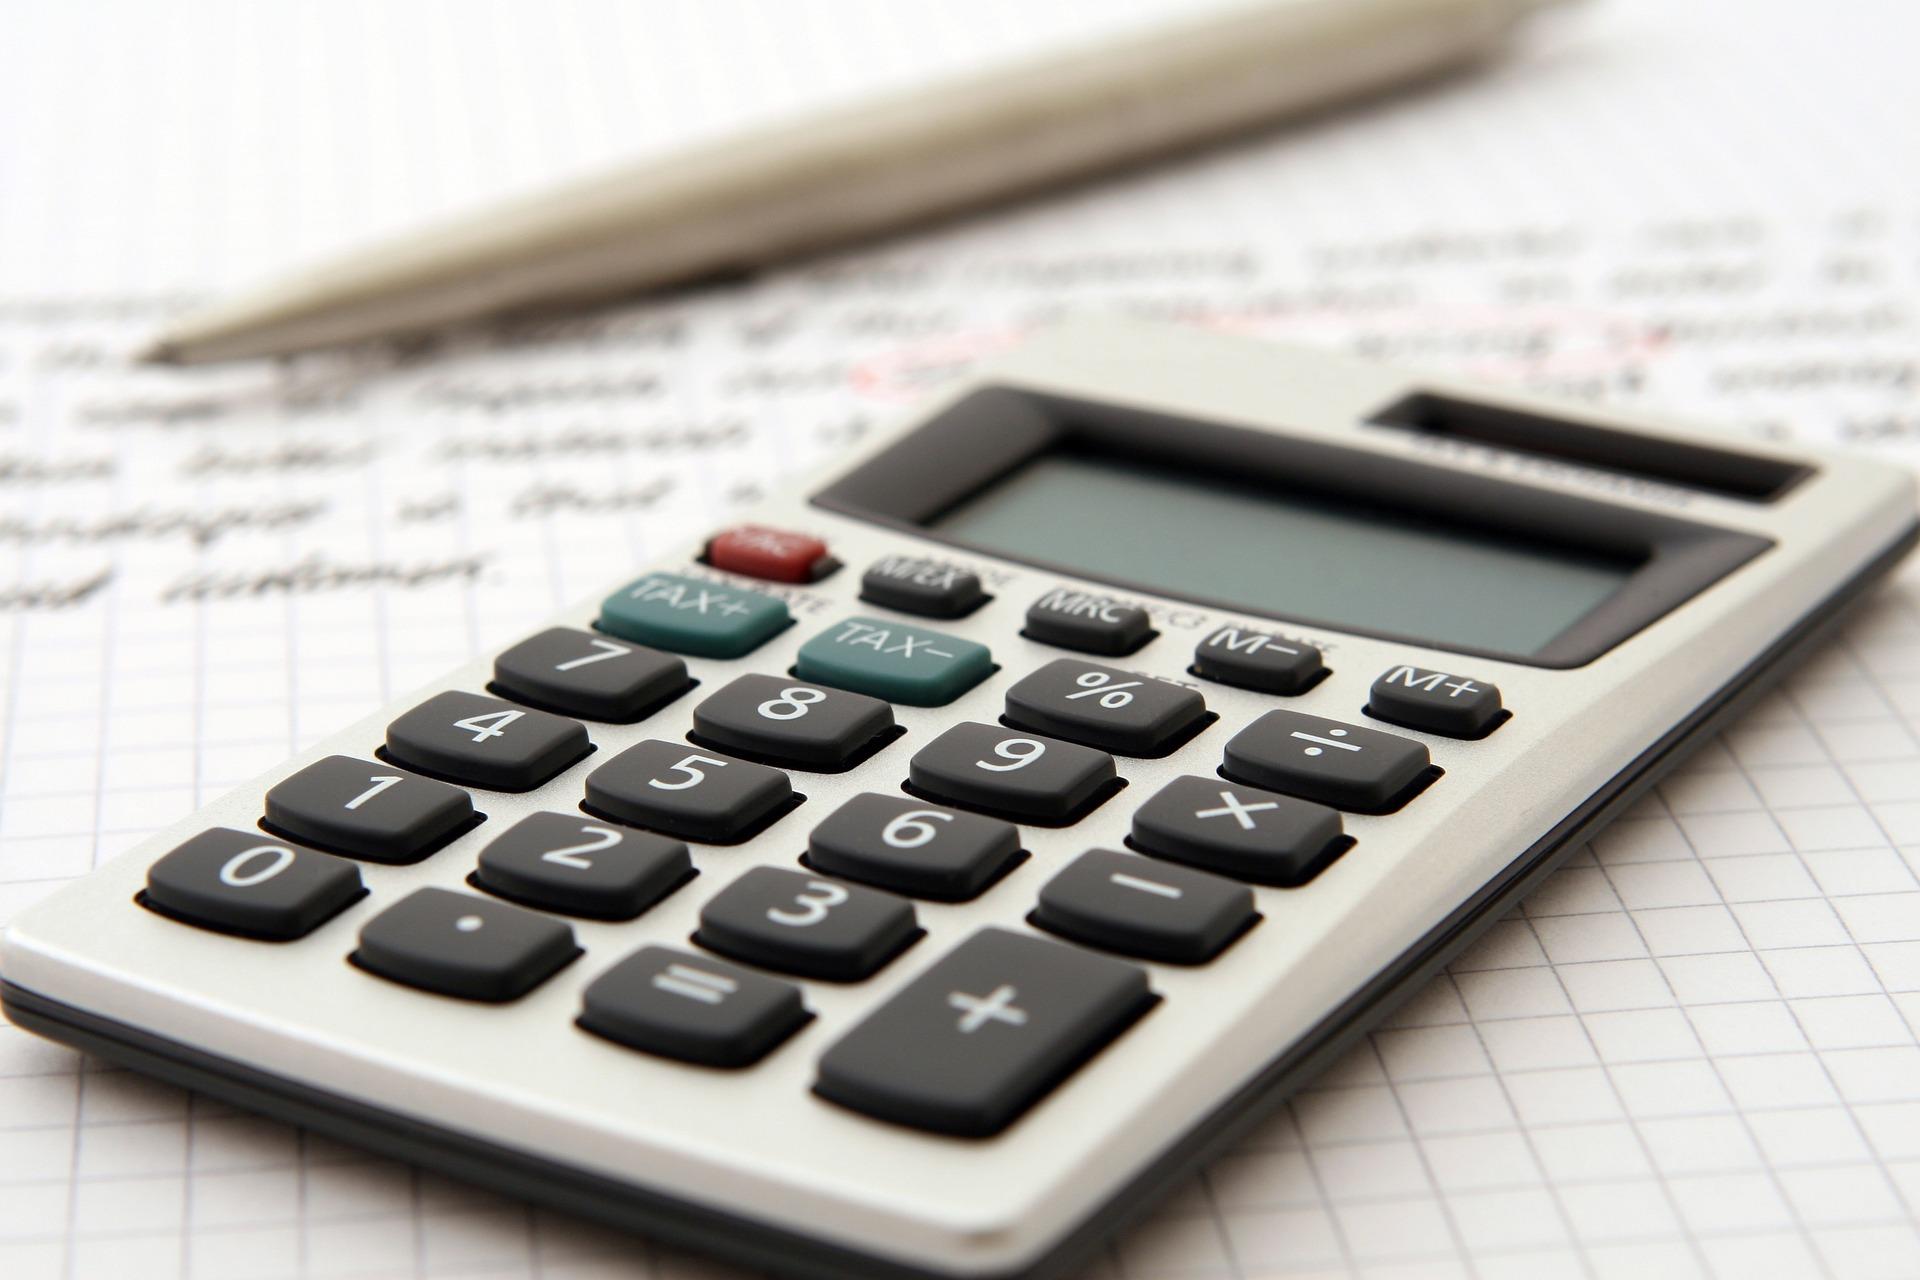 Preventivi traslochi - prezzi, tariffa, costo del trasloco